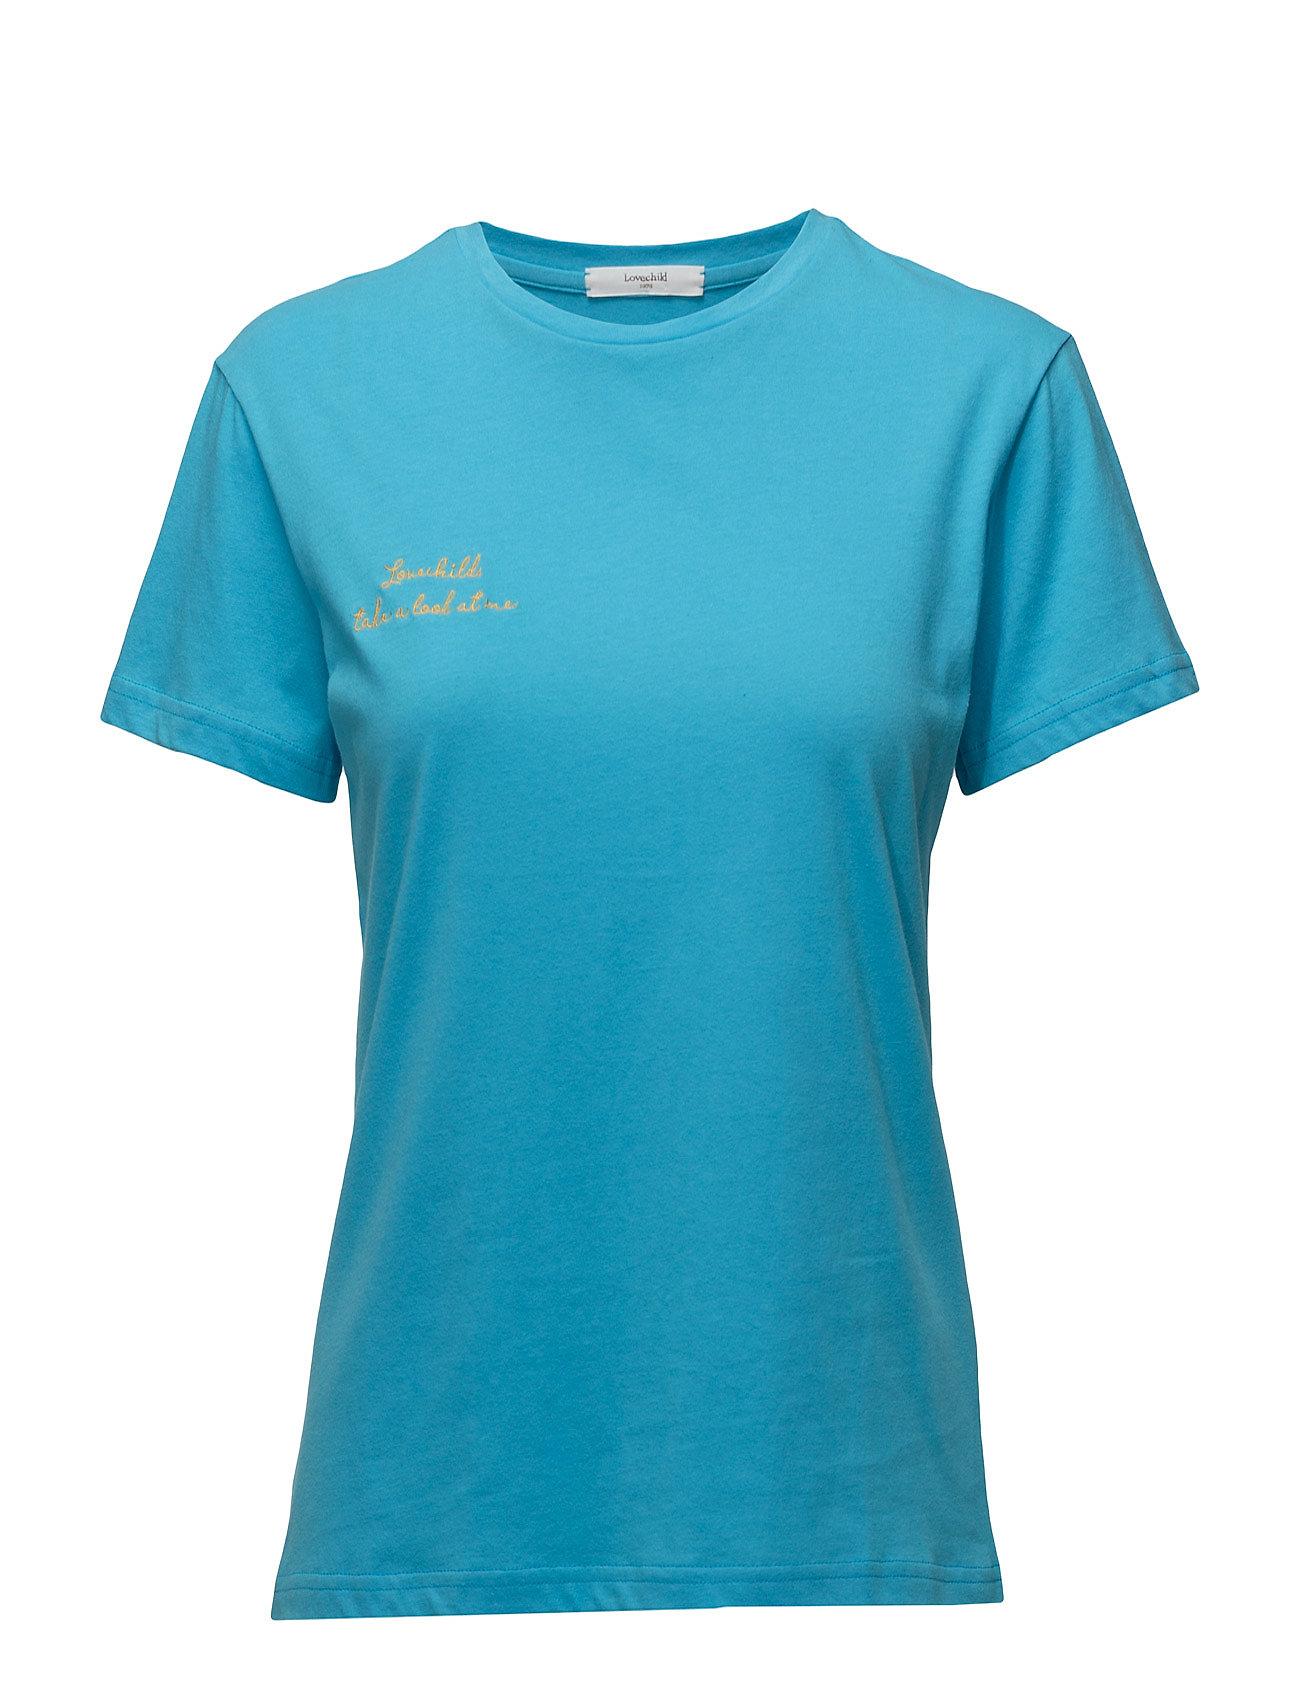 Lovechild 1979 Diana T-shirt